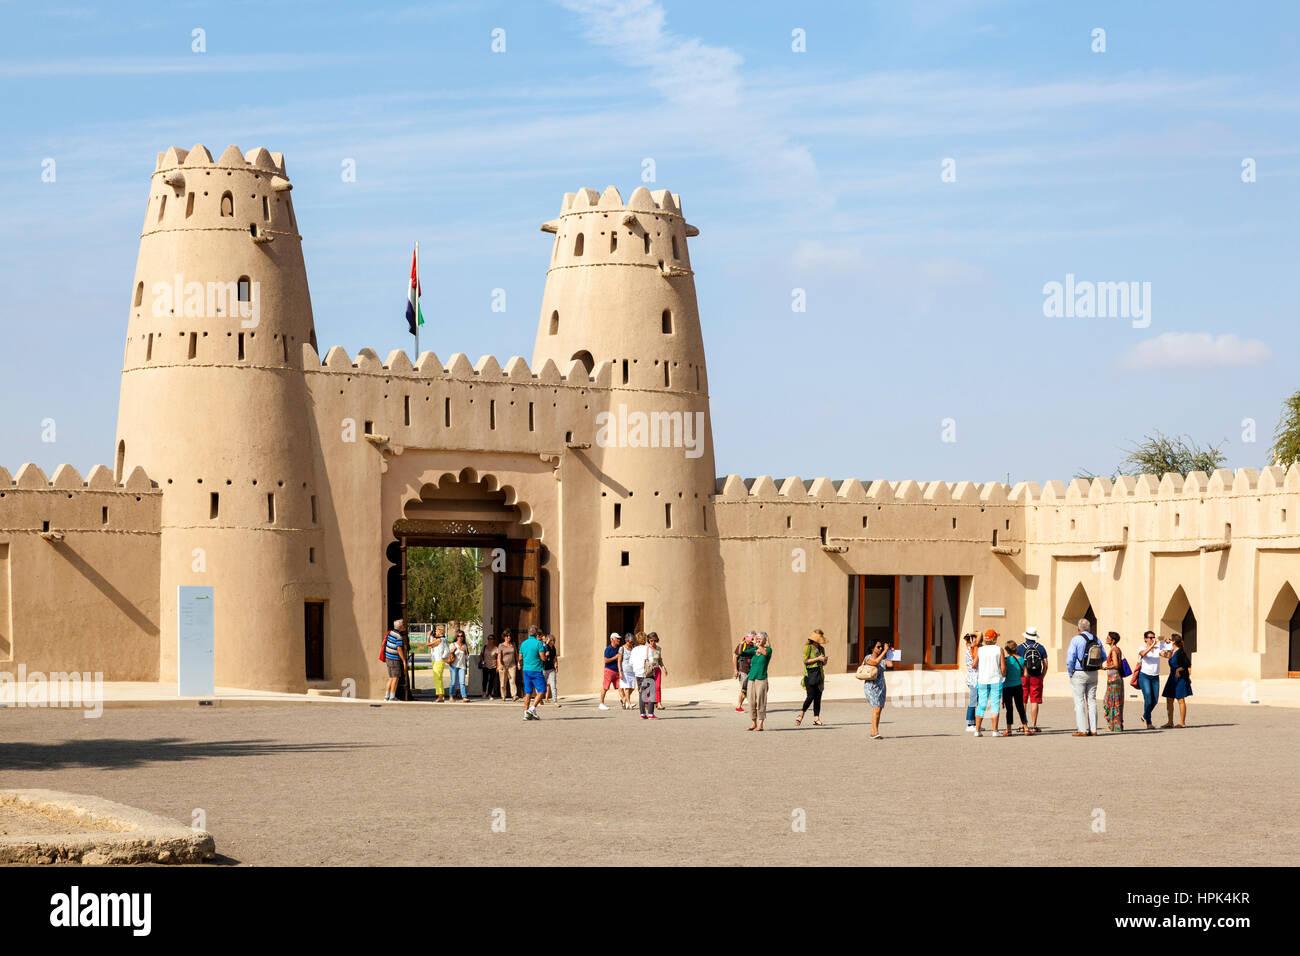 AL Ain, Emirati Arabi Uniti - Nov 29, 2016: gruppo di turisti che visitano la storica Al Jahlili fort nella città Immagini Stock